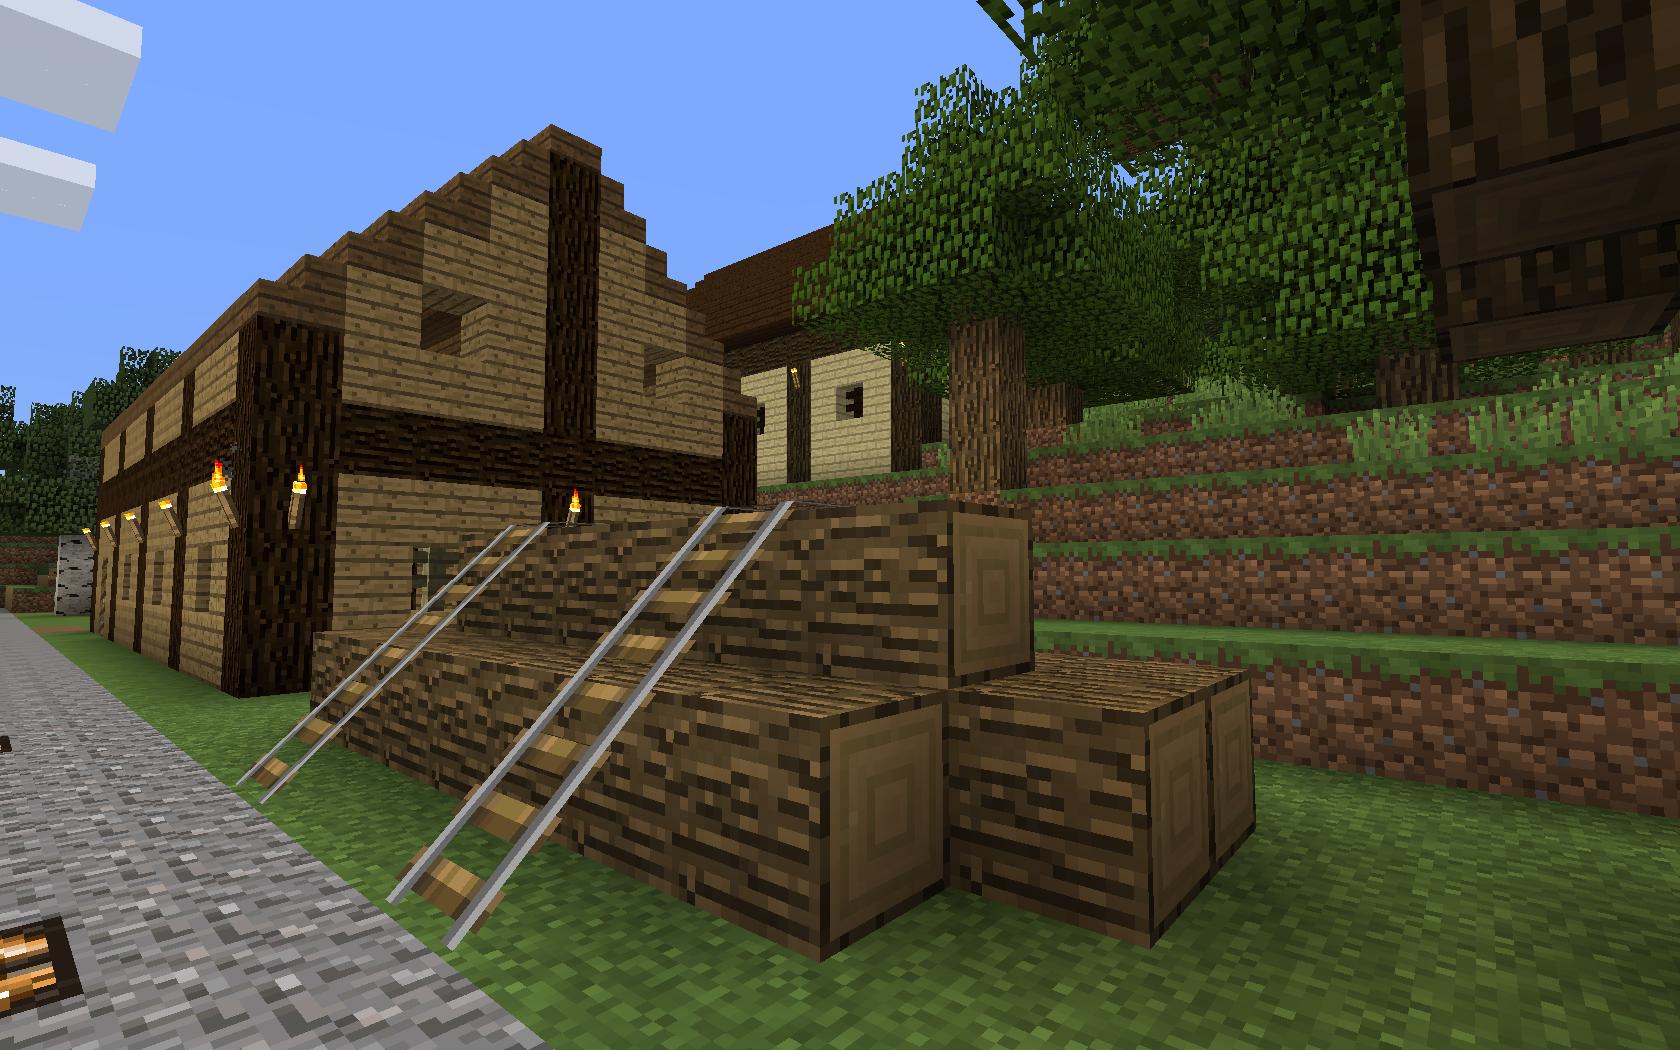 Saravia - Minecraft hauser dorfbewohner